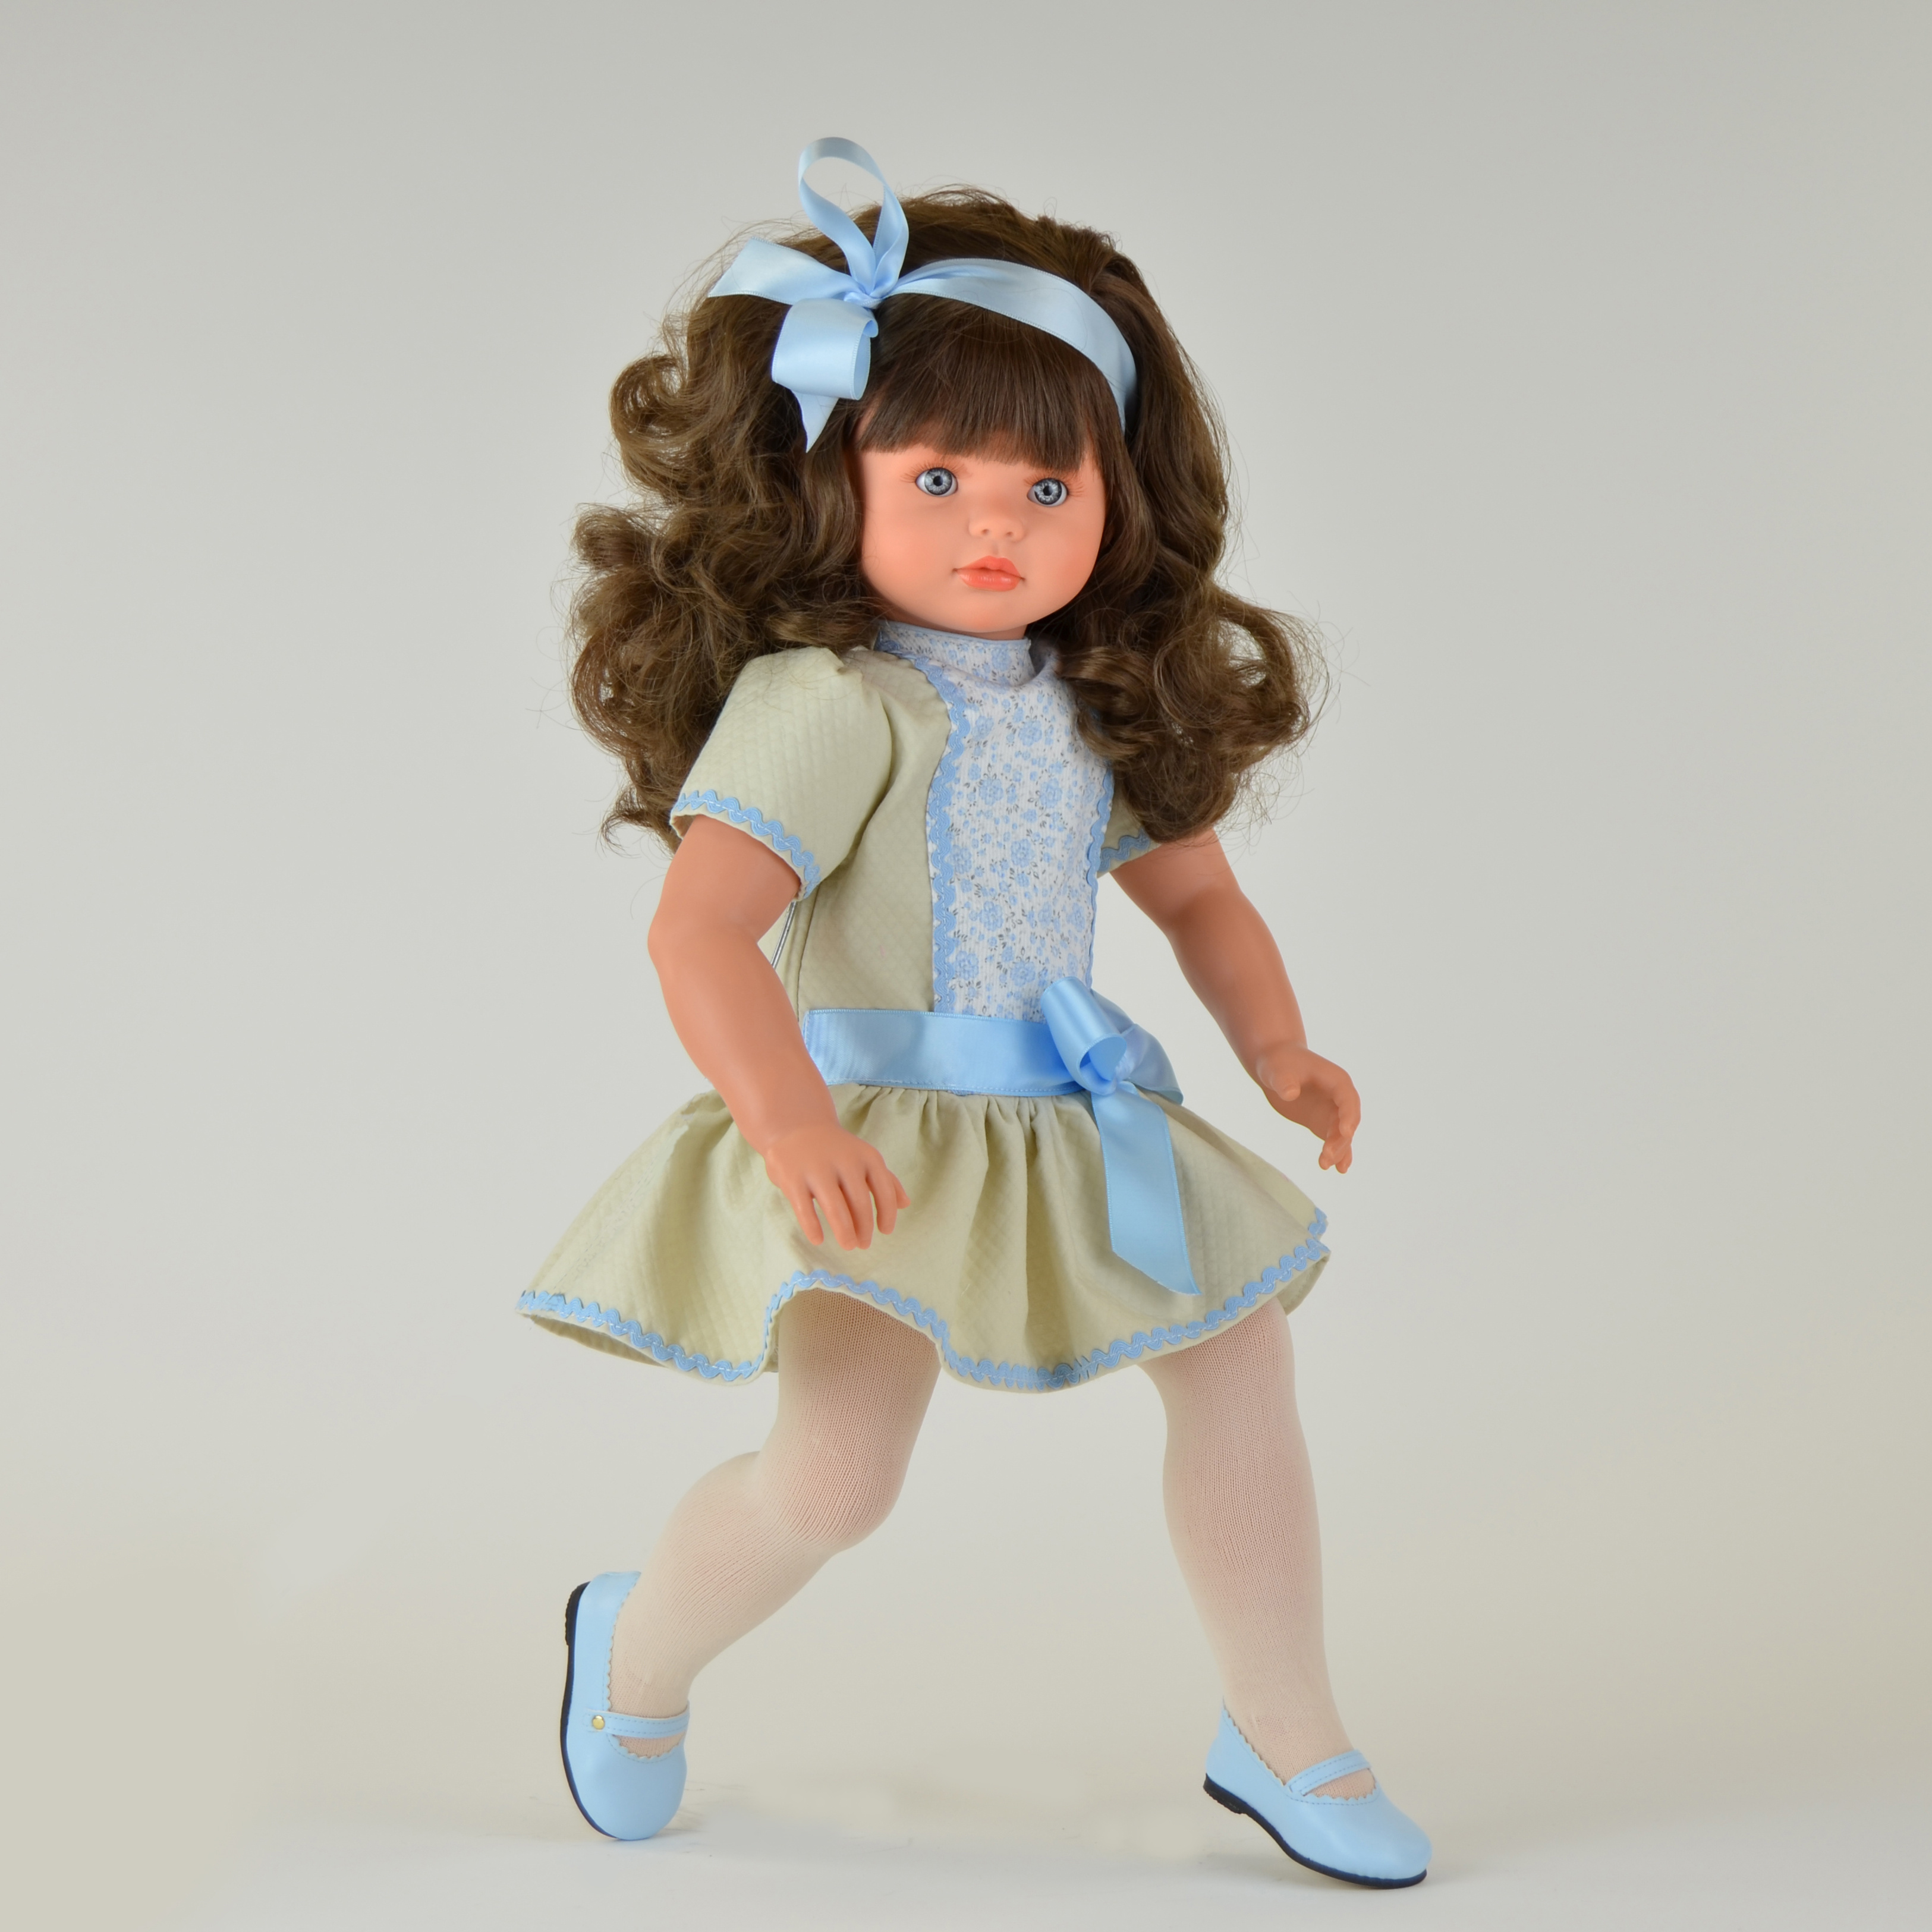 Кукла Пепа с атласным бантиком, 60 см.Куклы ASI (Испания)<br>Кукла Пепа с атласным бантиком, 60 см.<br>